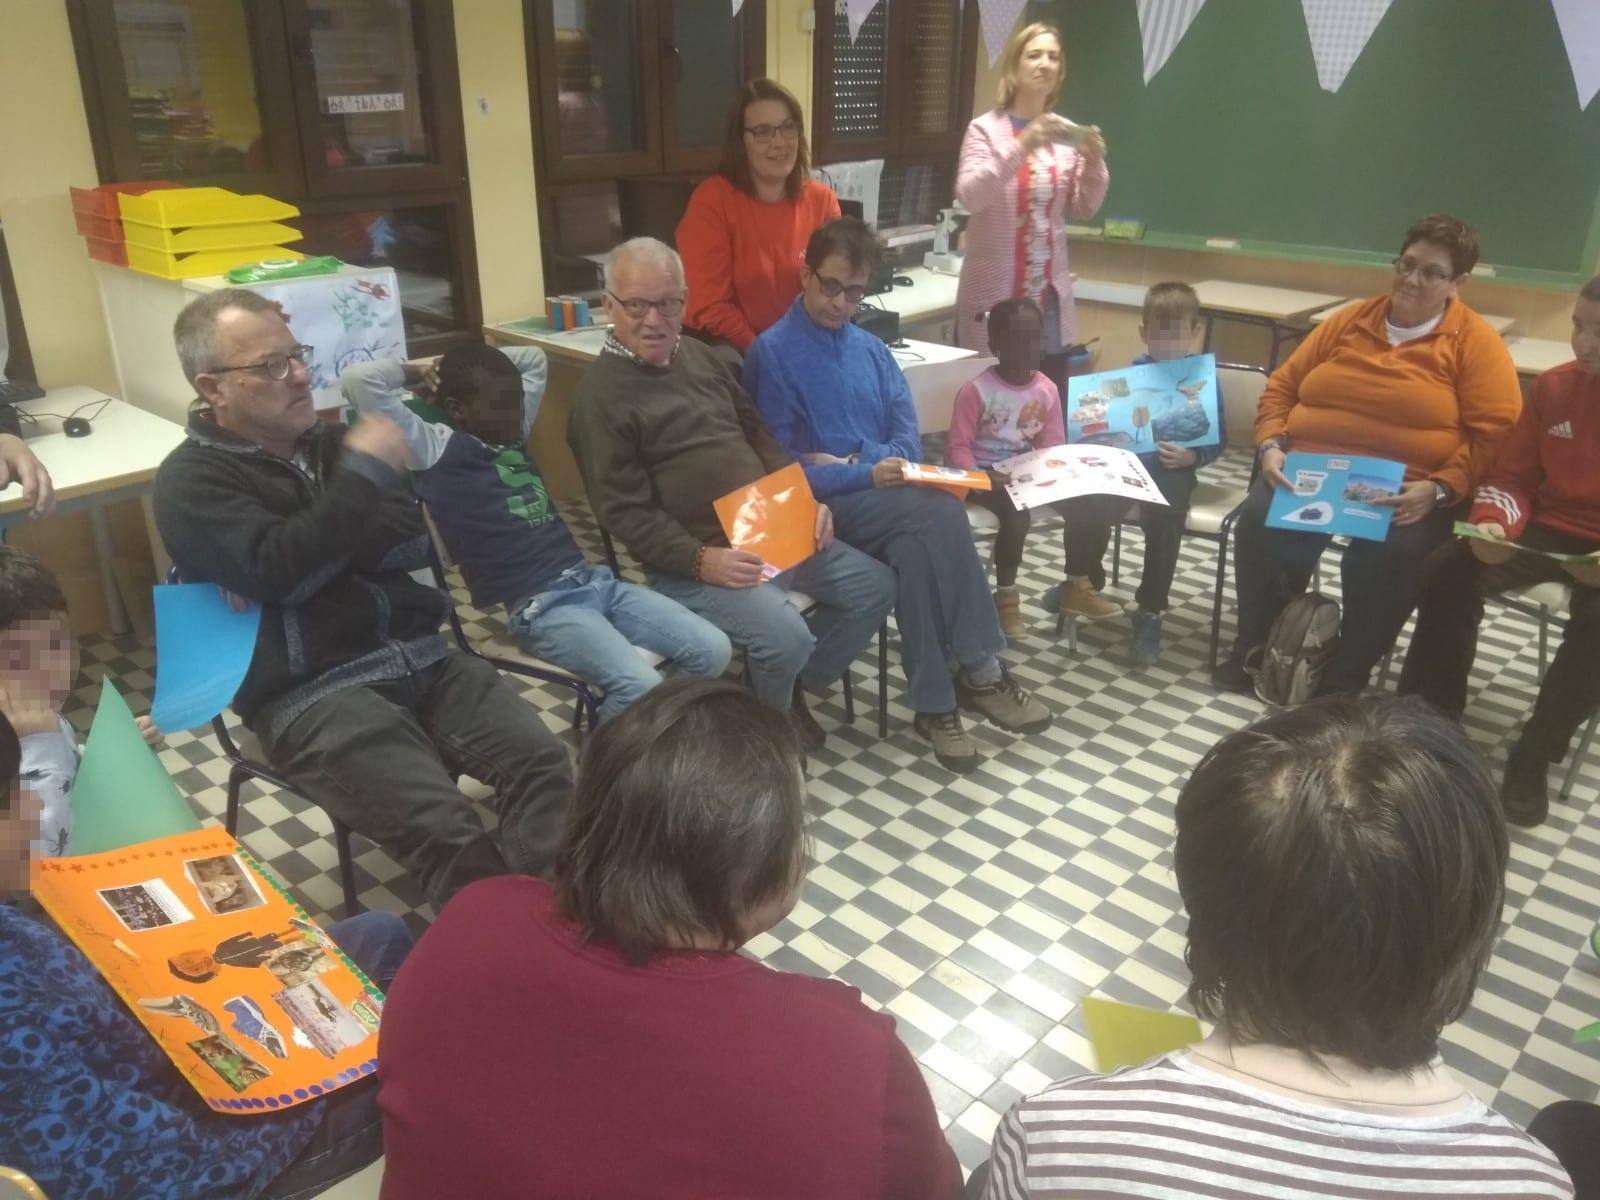 ATADI Maestrazgo y el CRA Els Ports realizan actividades en torno a la discapacidad